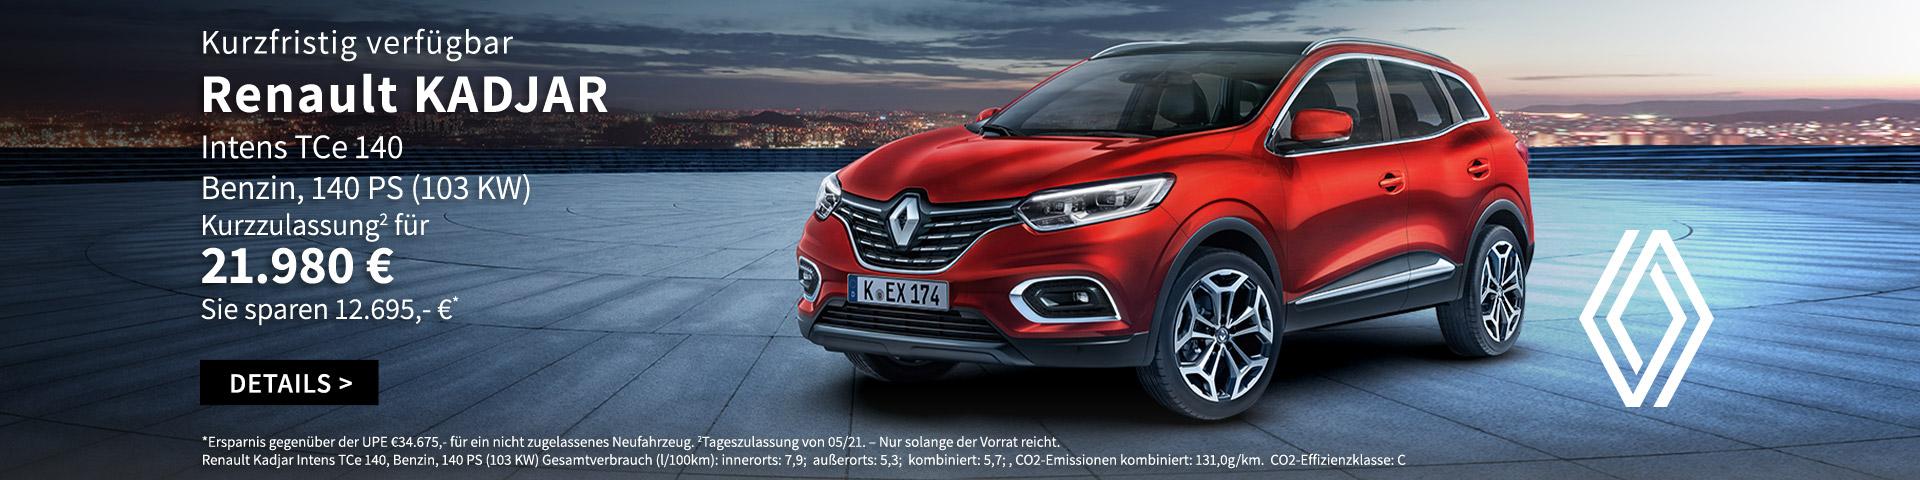 Kurzfristig verfügbar Renault KADJAR im Autozentrum PA/Preckel